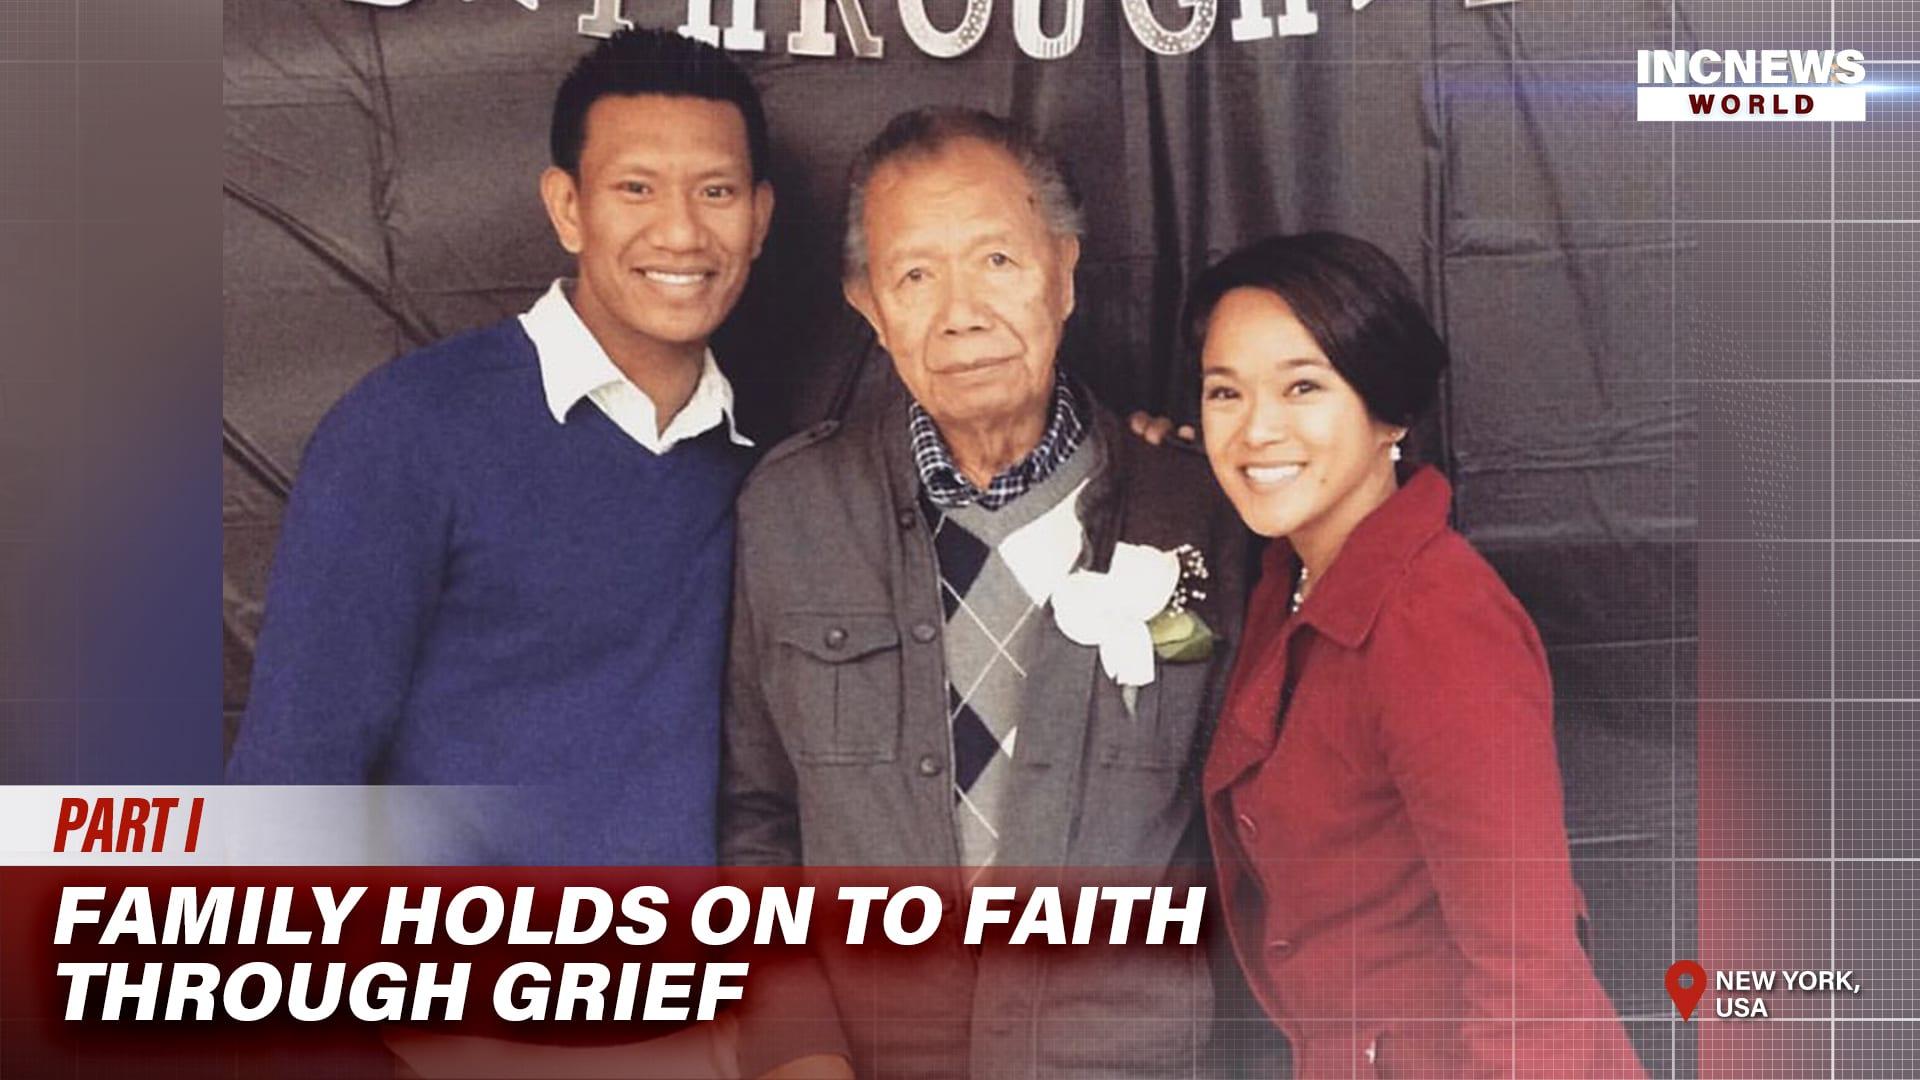 Family Holds on to Faith Through Grief